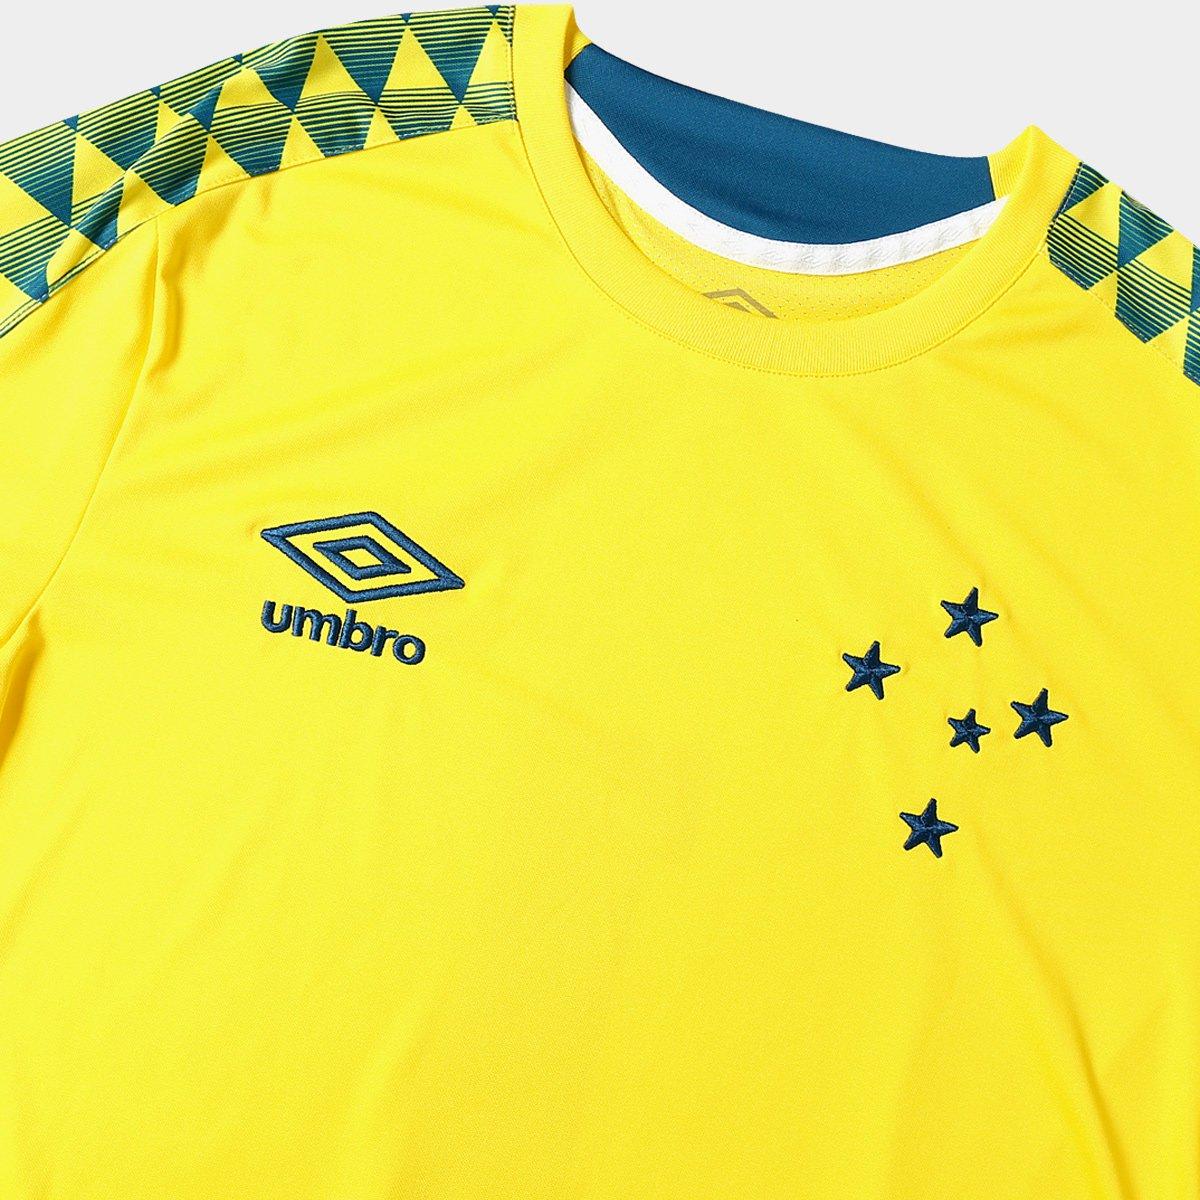 abc5a52449 Camisa de Goleiro Cruzeiro nº 1 2019 Umbro Masculina - Amarelo e ...